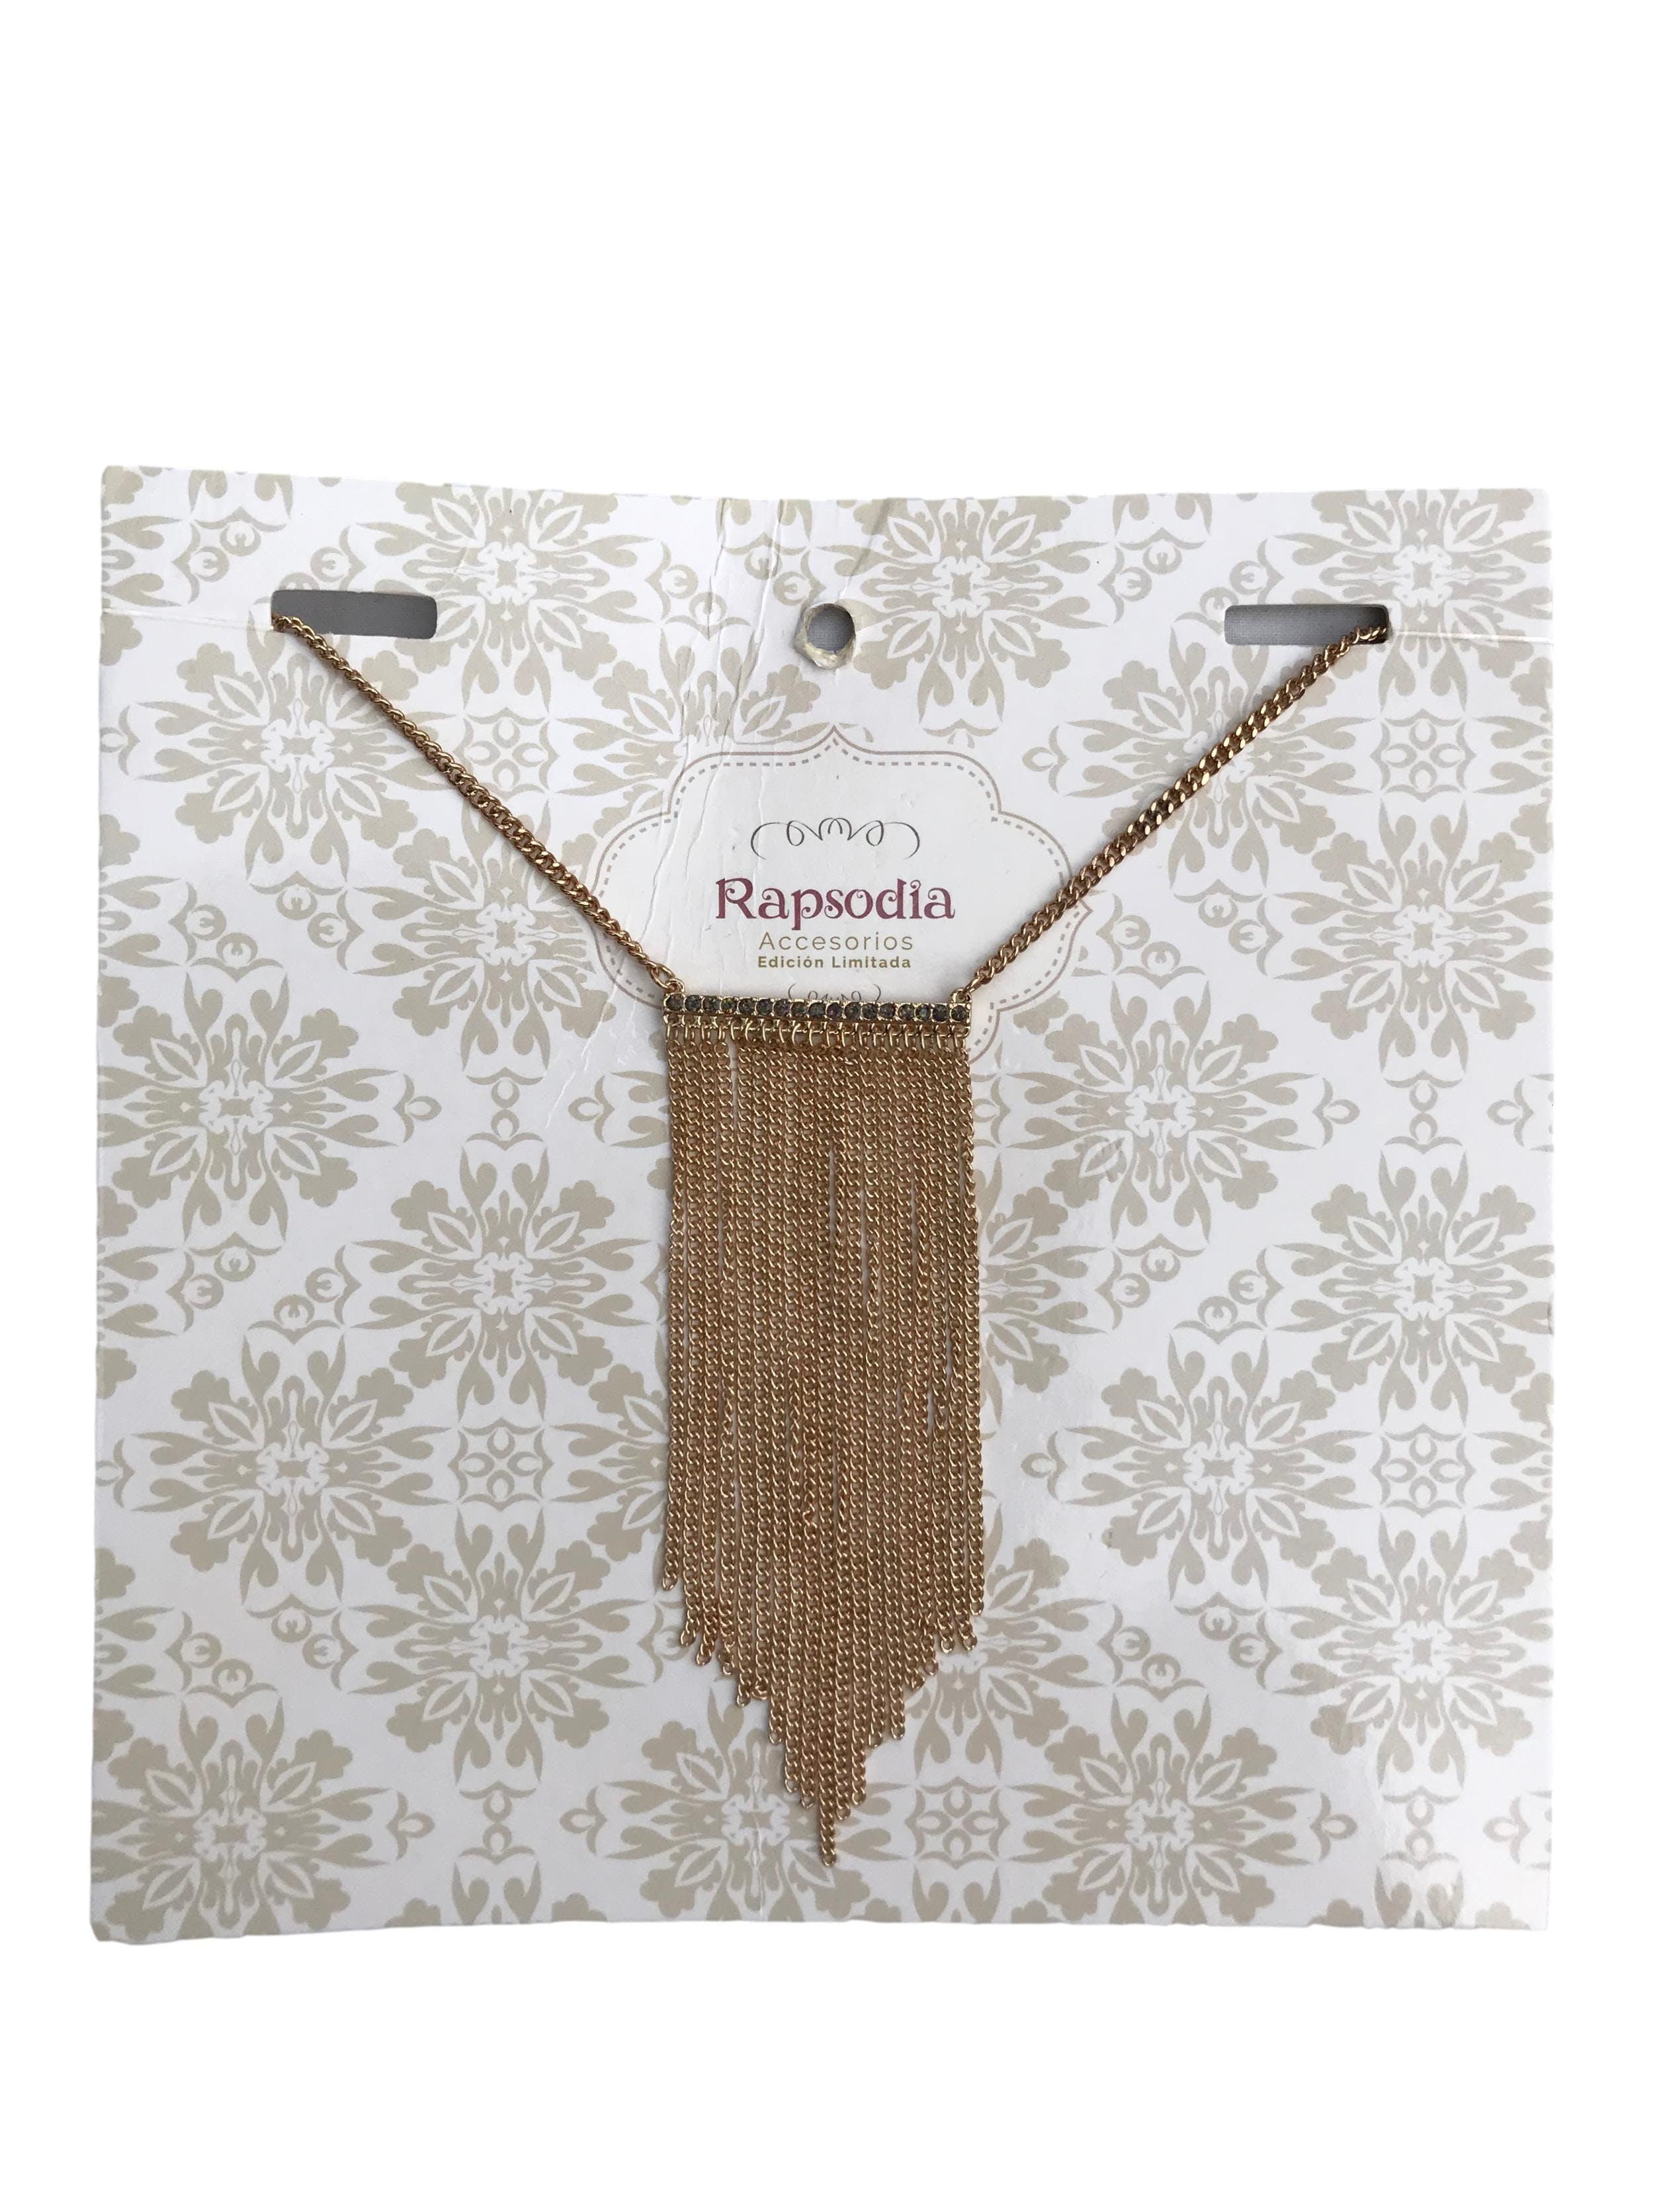 Collar cadena dorada con dije rectángulo con strass y cadenitas colgantes. Largo 66cm. Nuevo con etiqueta, precio original S/ 29.9